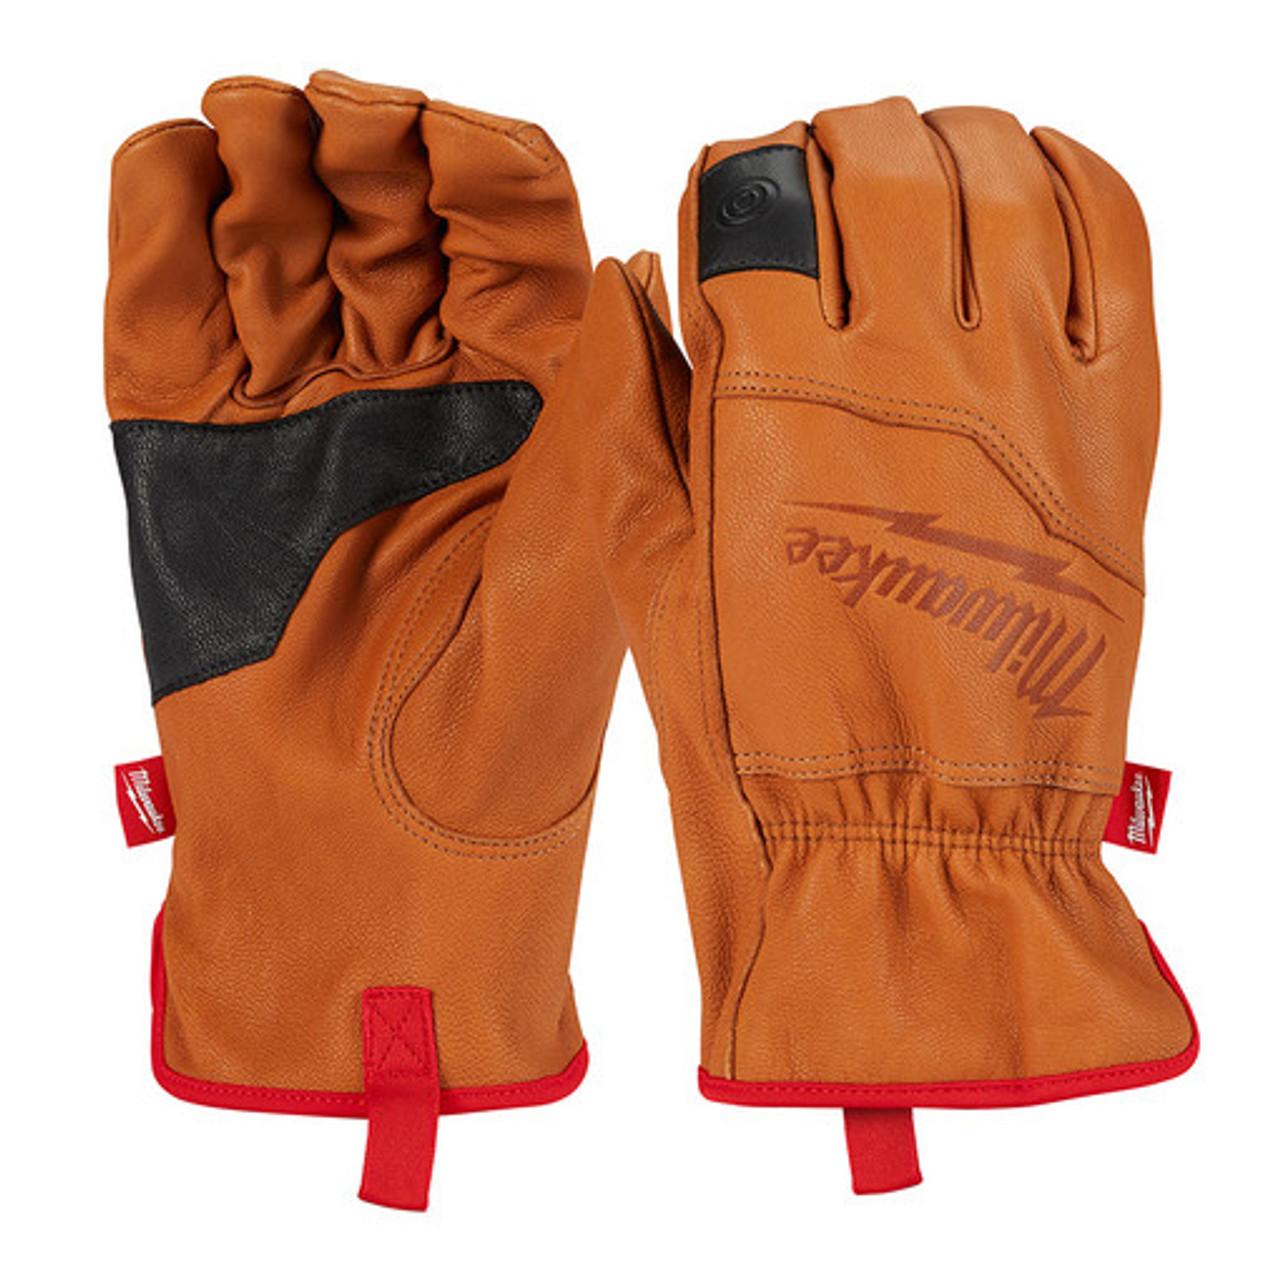 Milwaukee 48-73-0011 Goatskin Leather Gloves Medium